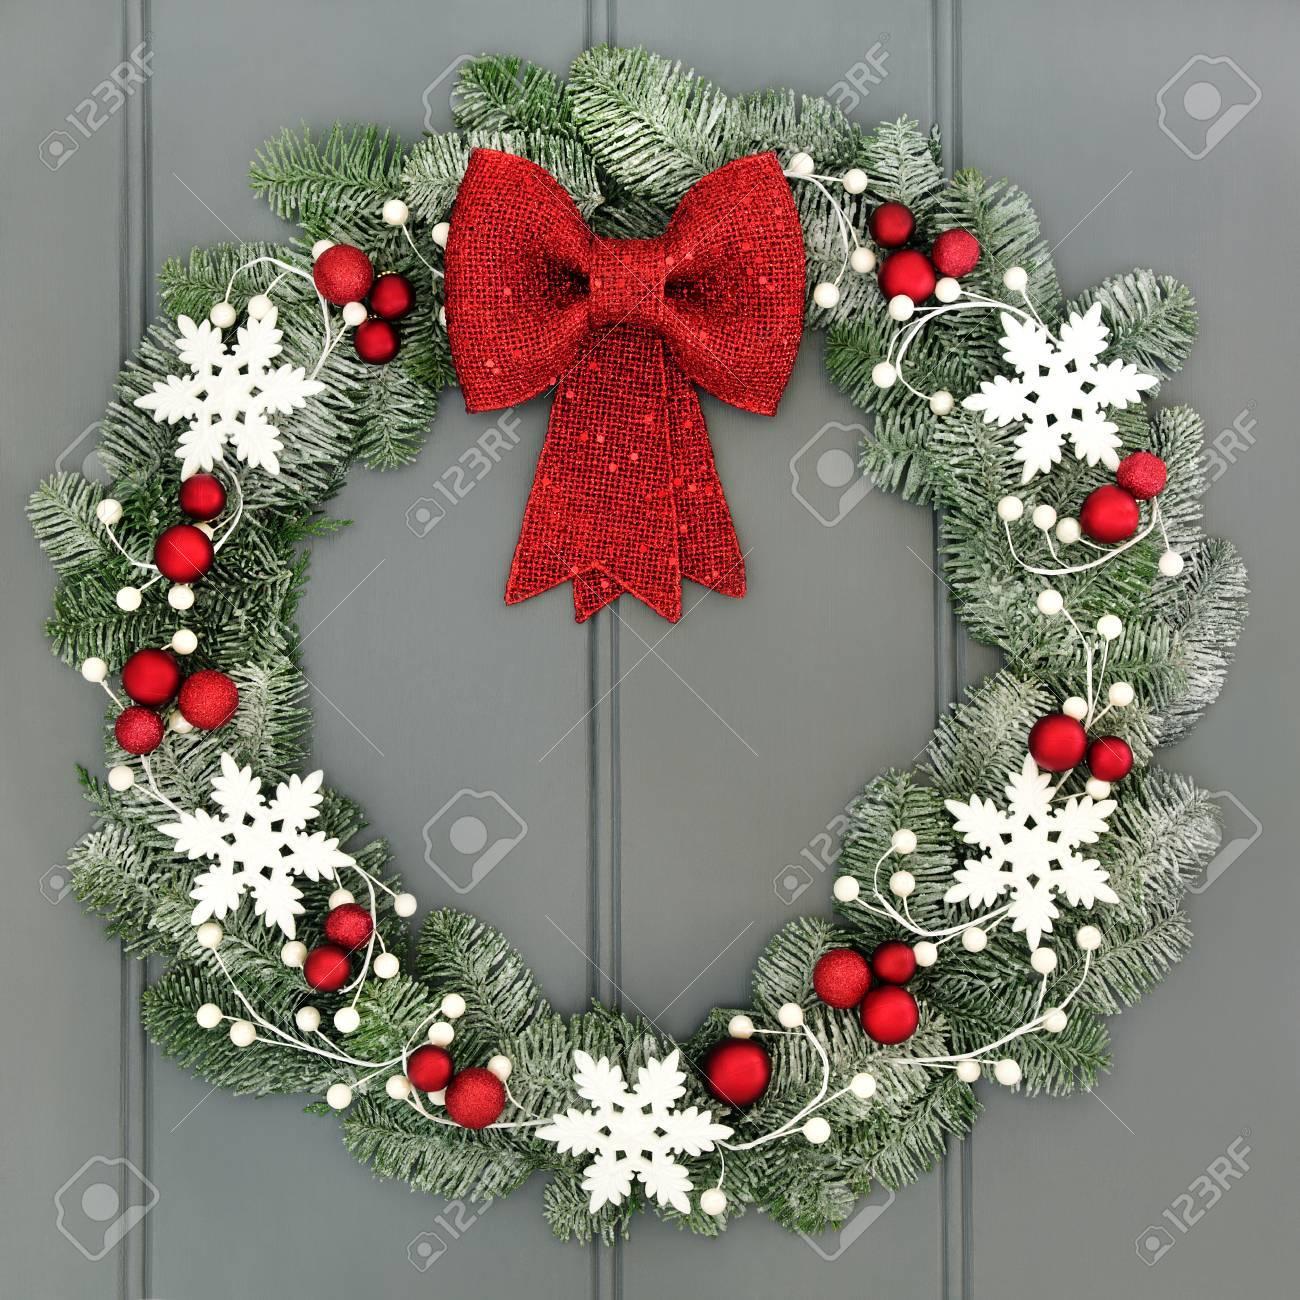 Guirlande De Noel Avec Des Boules Rouges Et Arc Et Blanc Decorations